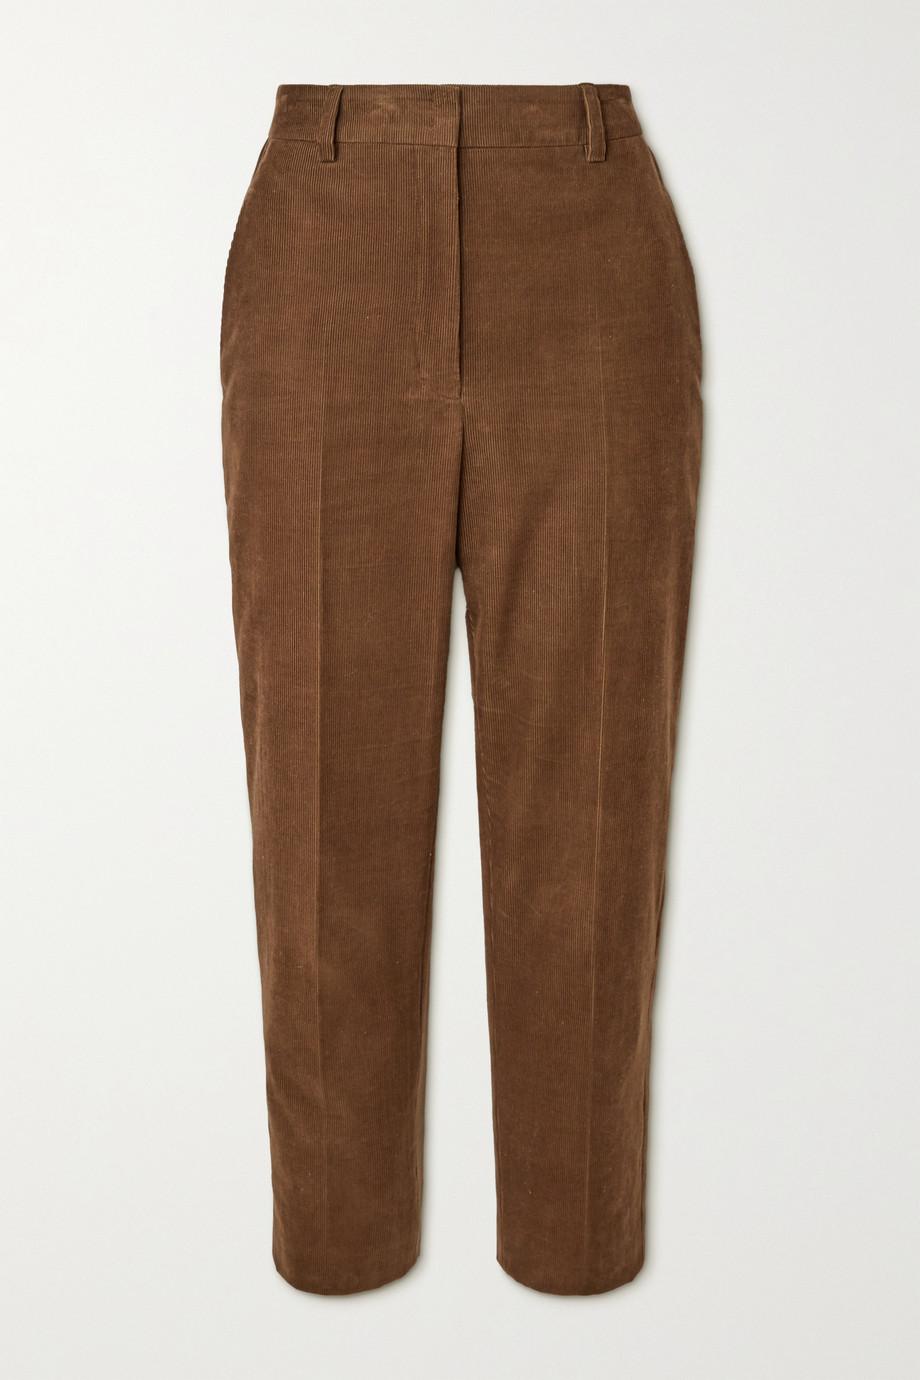 Akris Pantalon fuselé raccourci en velours côtelé de coton